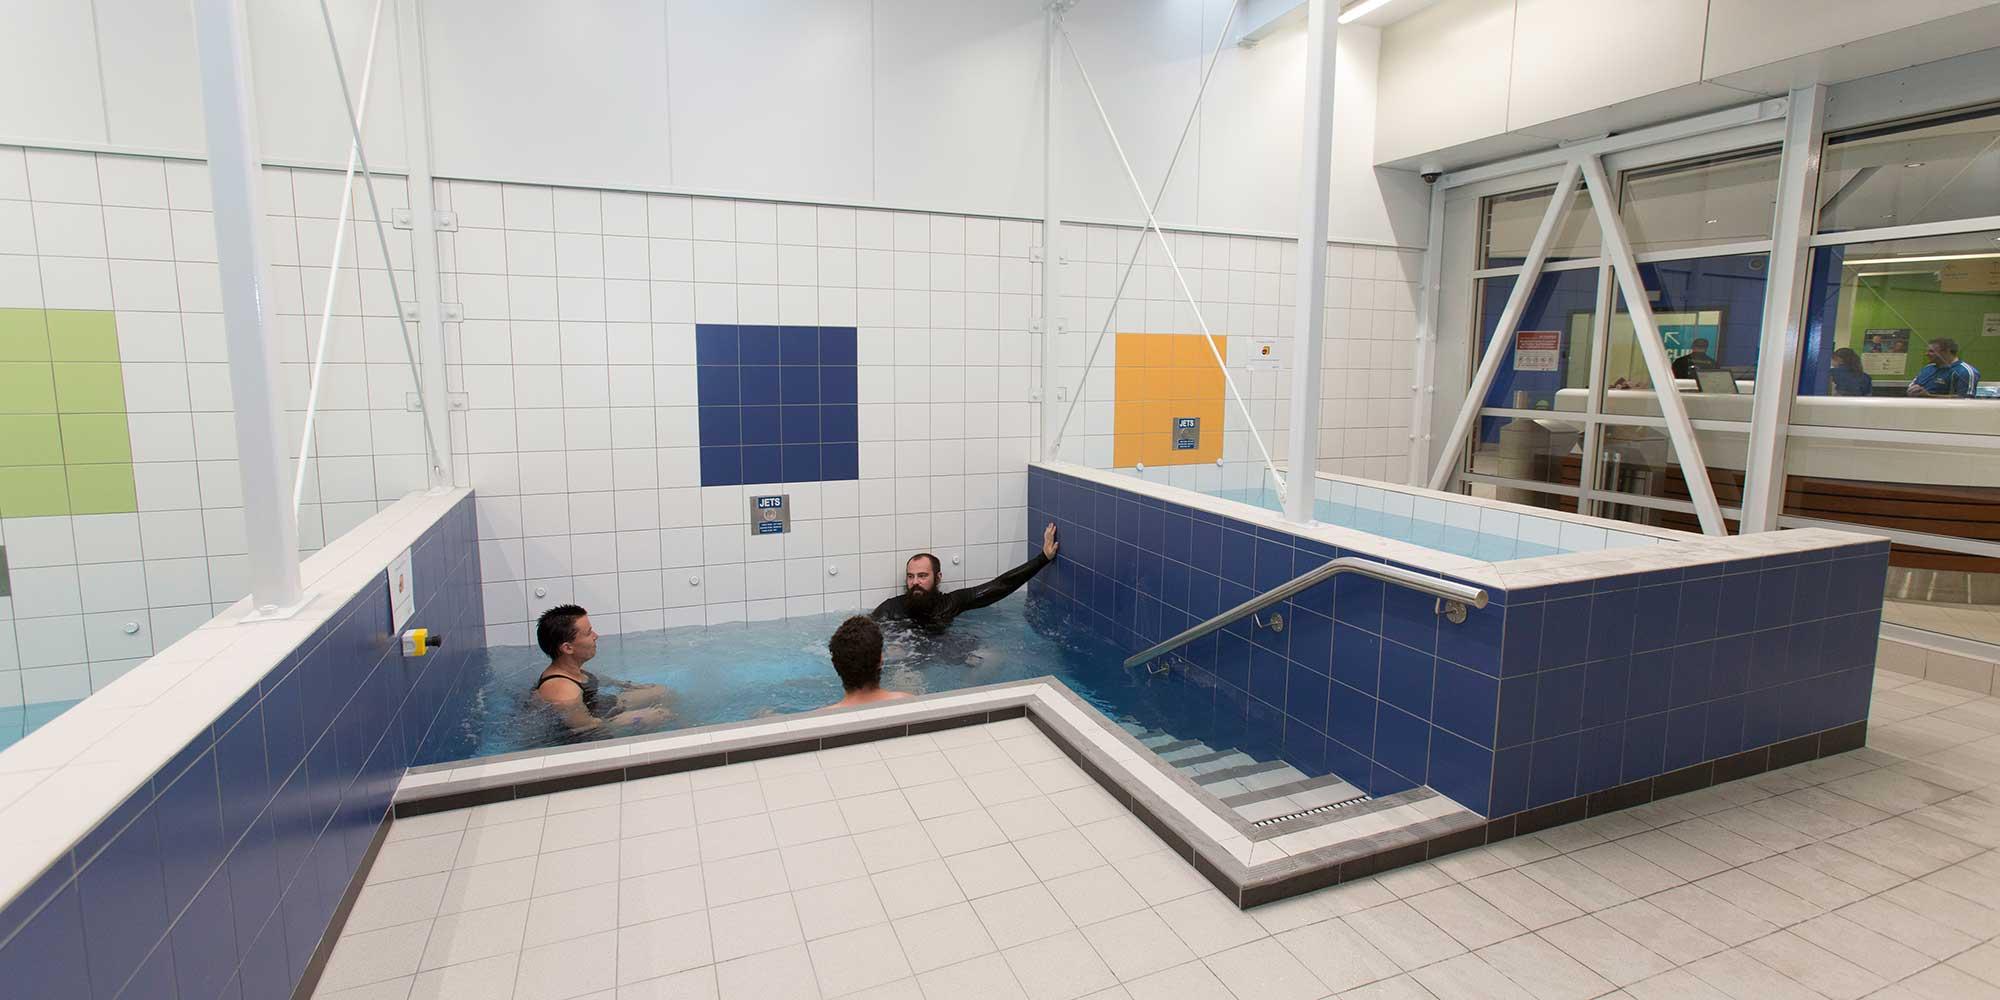 'Hotspot' spa pools at WRAC.